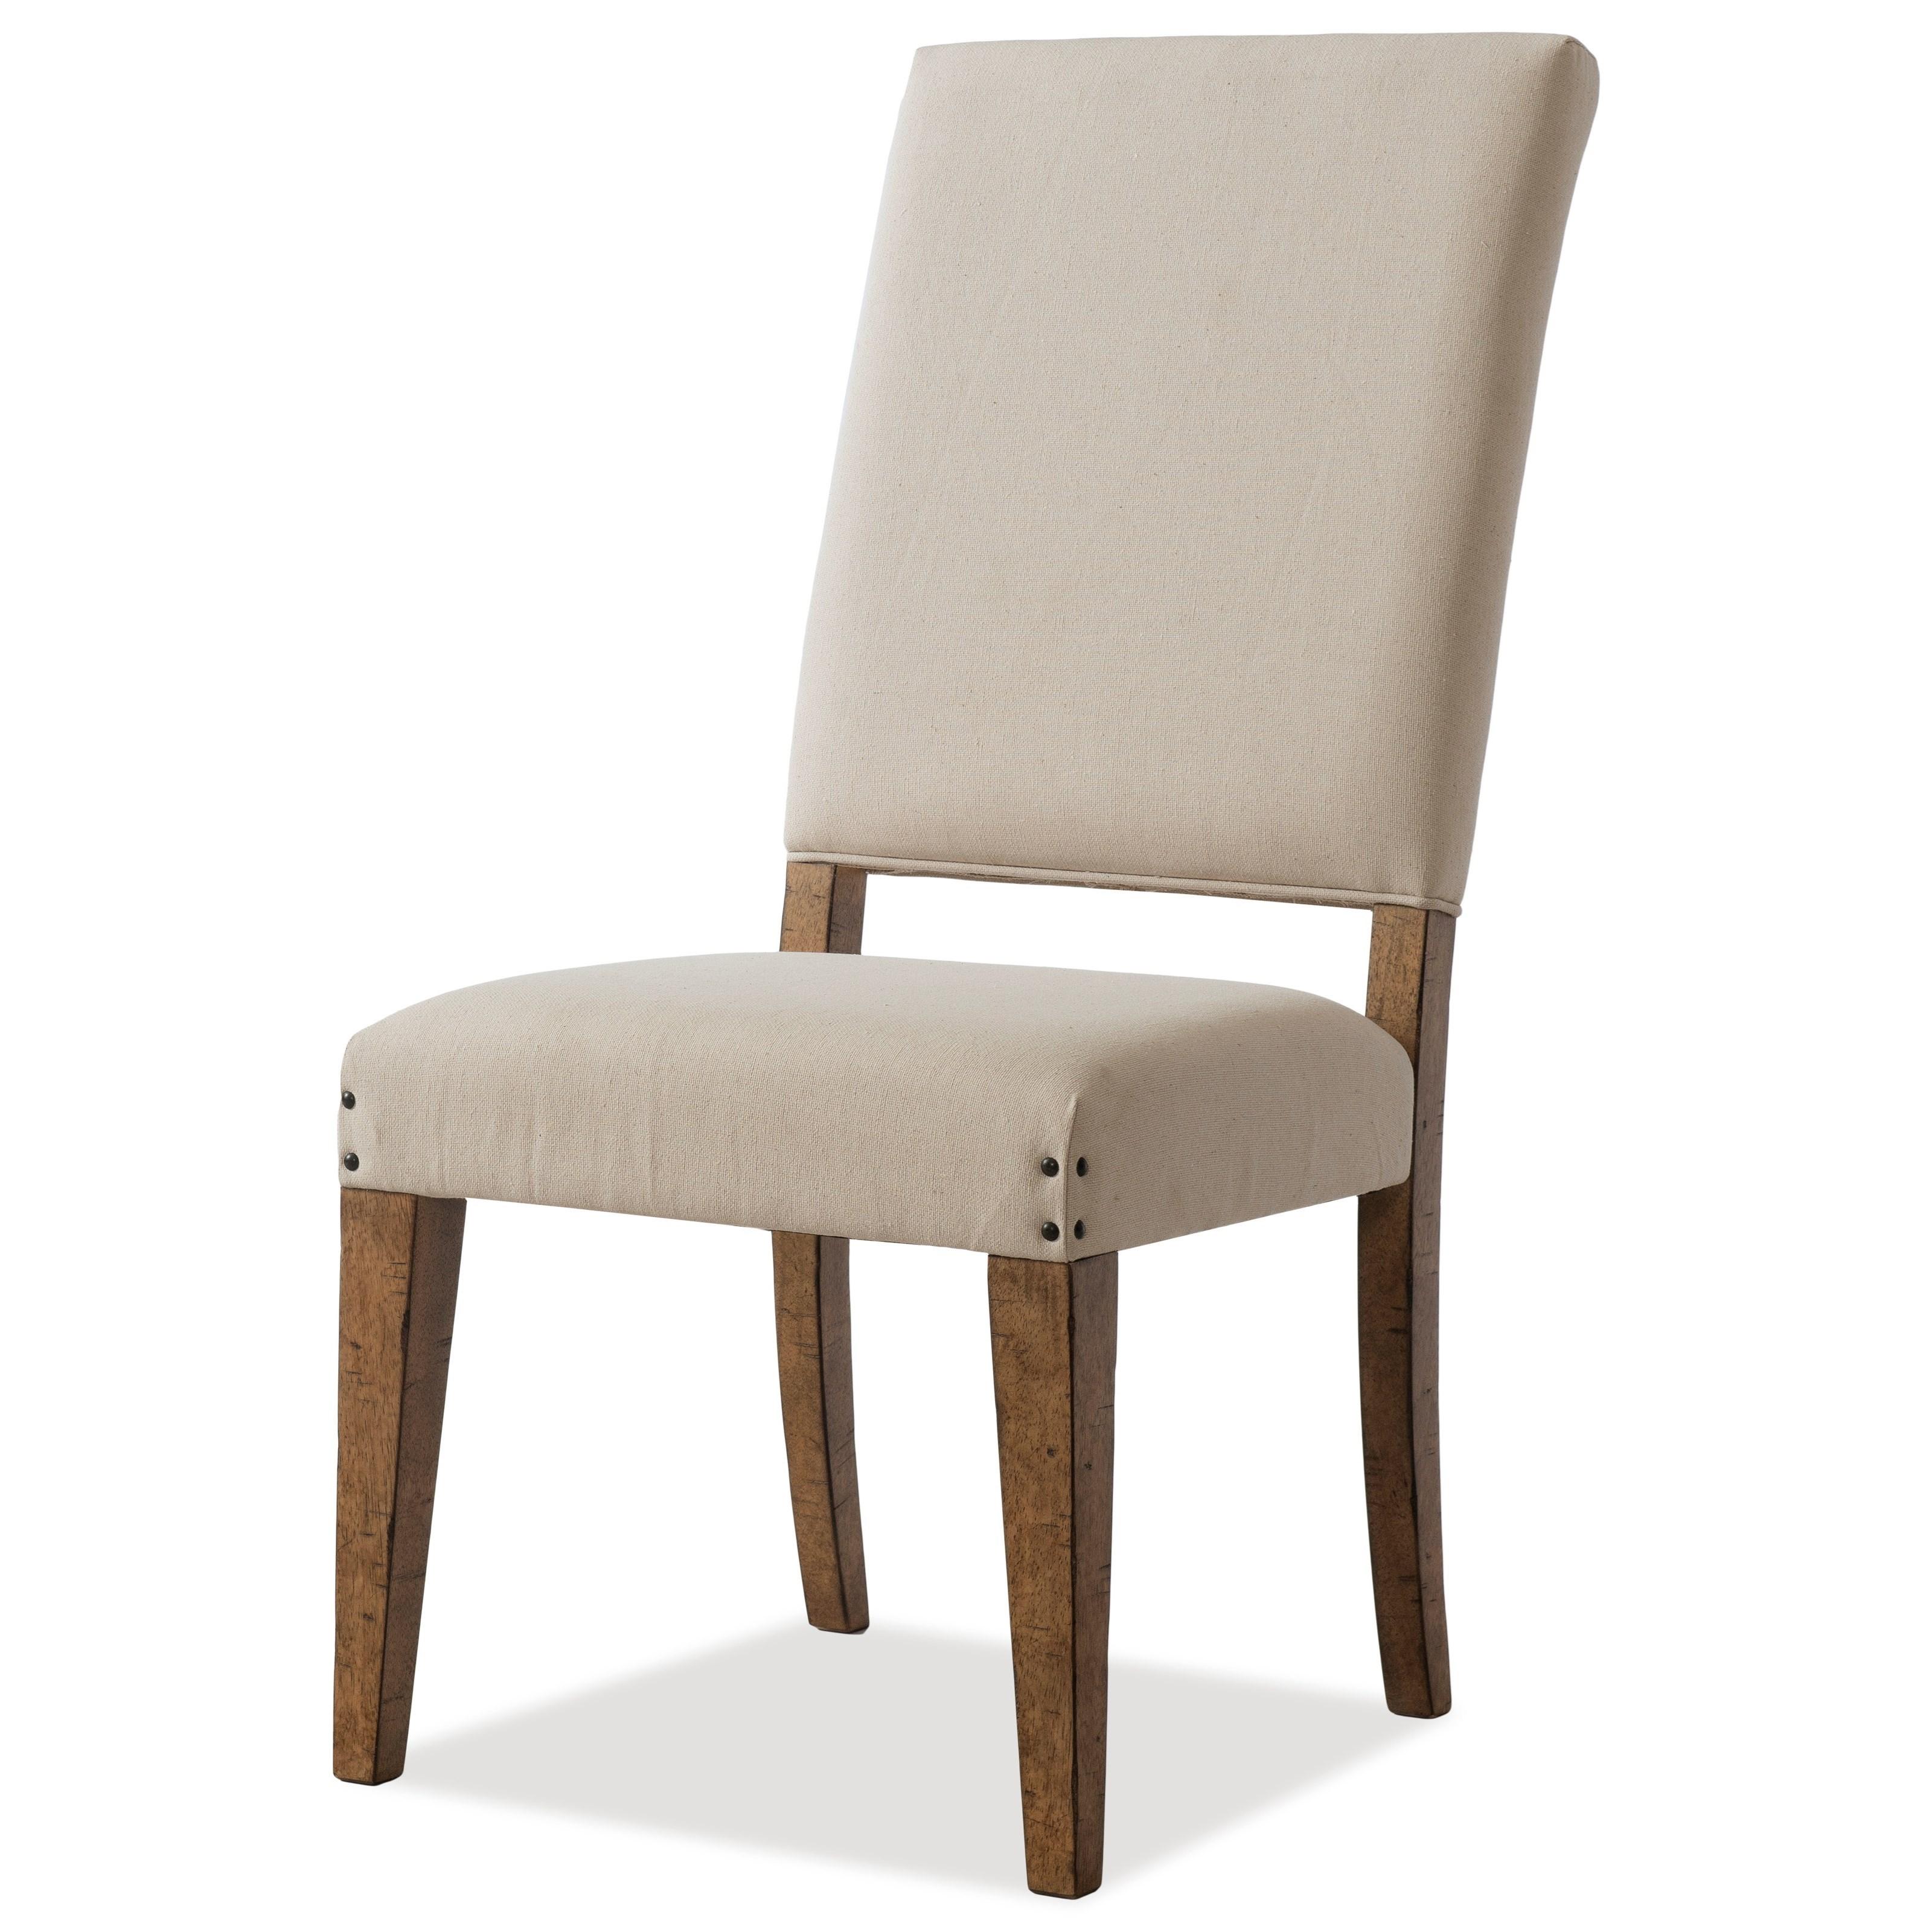 Good Company Side Chair